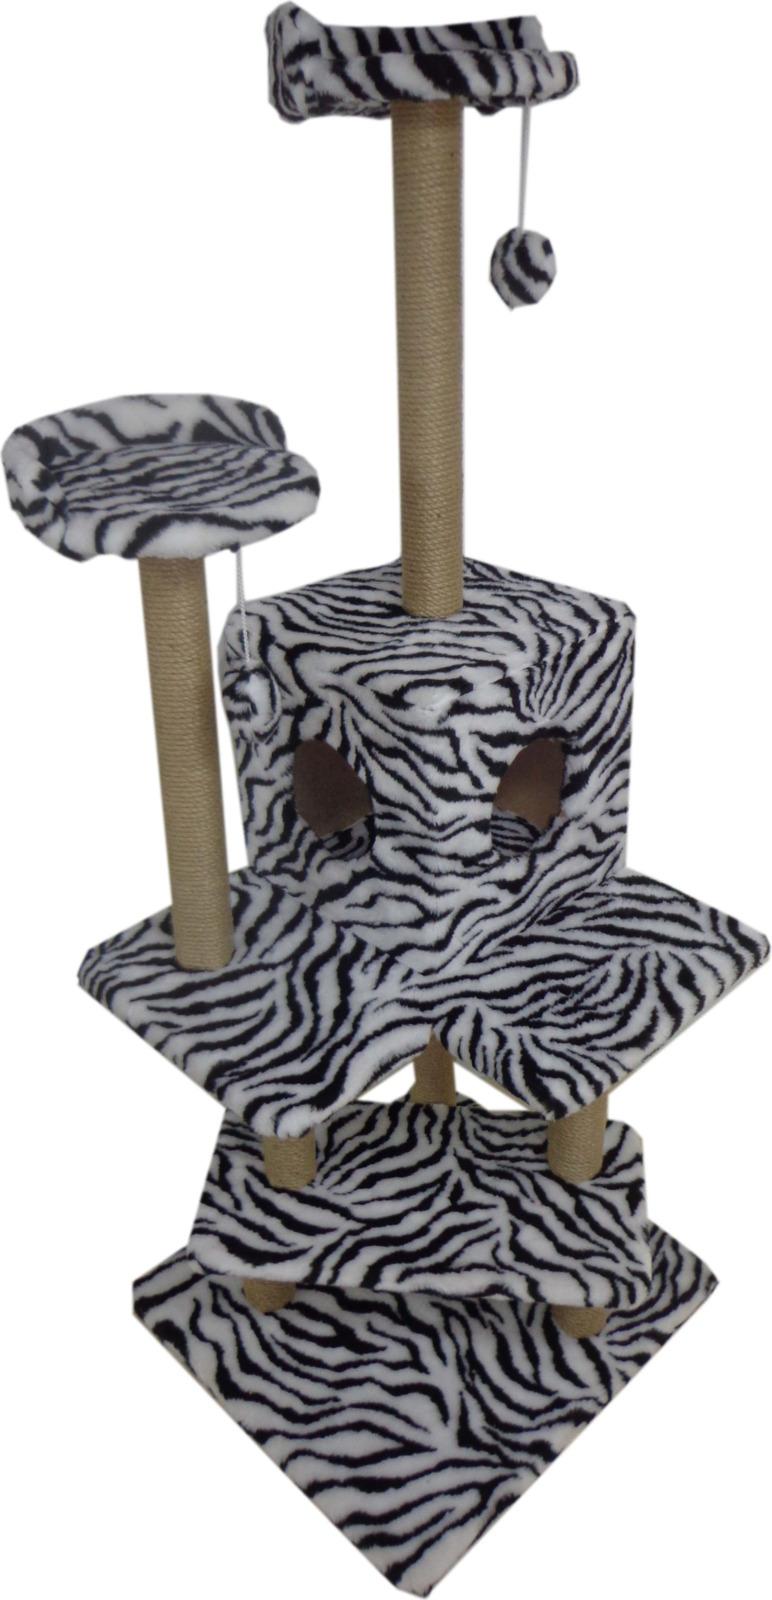 Игровой комплекс для кошек Меридиан Лестница, Д 151 Зе, зебра, 56 x 52 x 140 смД 151 Зе